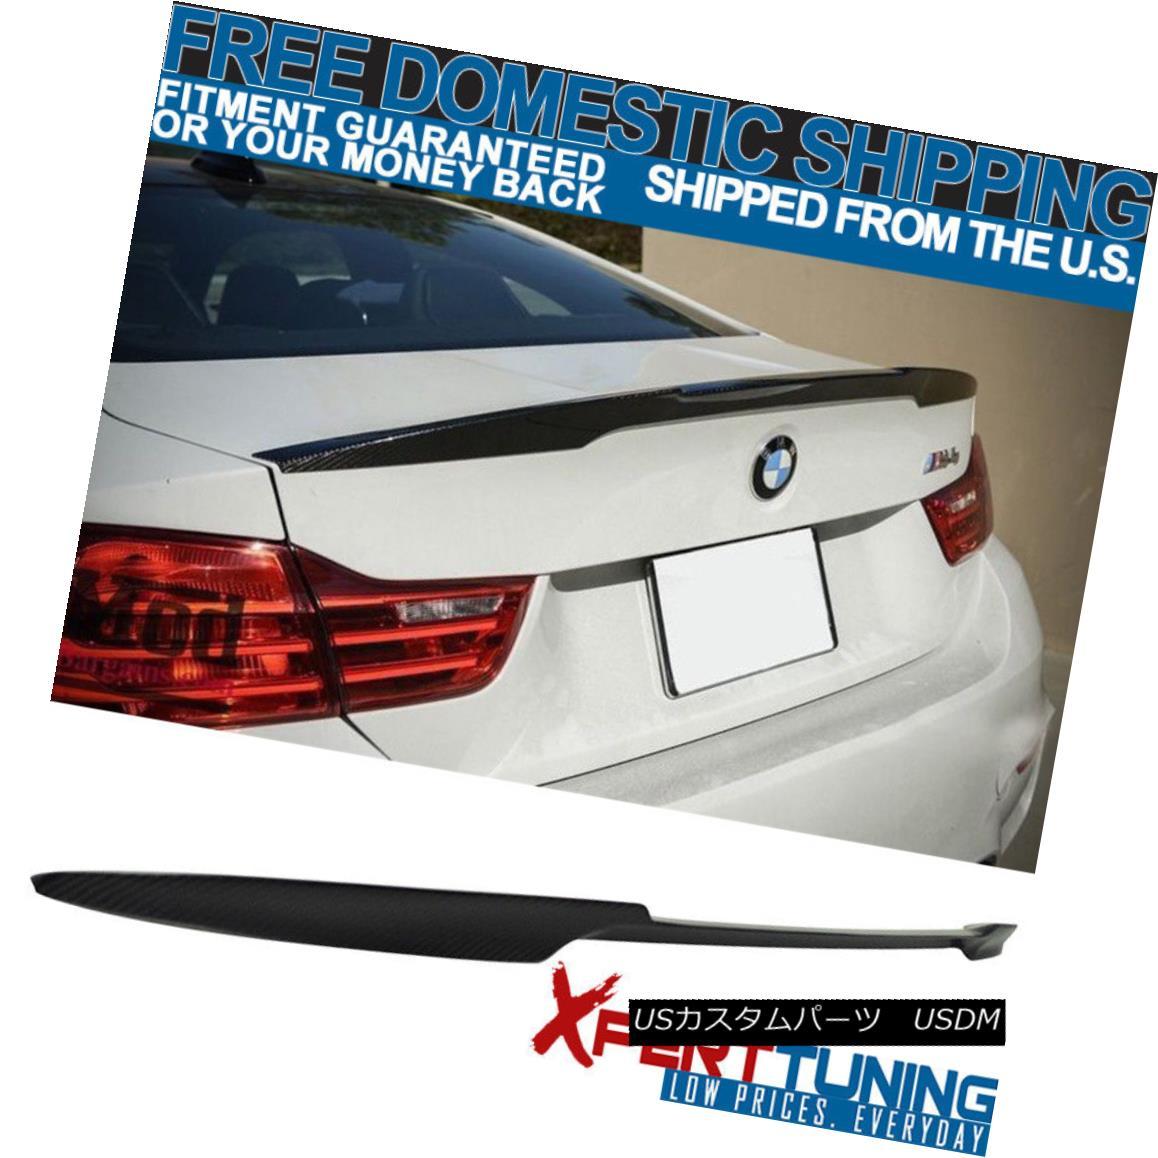 エアロパーツ Fit 14-18 BMW 3 Series F80 F30 V M4 Style Trunk Spoiler Wing - Carbon Fiber CF 適合14-18 BMW 3シリーズF80 F30 V M4スタイルトランク・スポイラー・ウィング - 炭素繊維CF